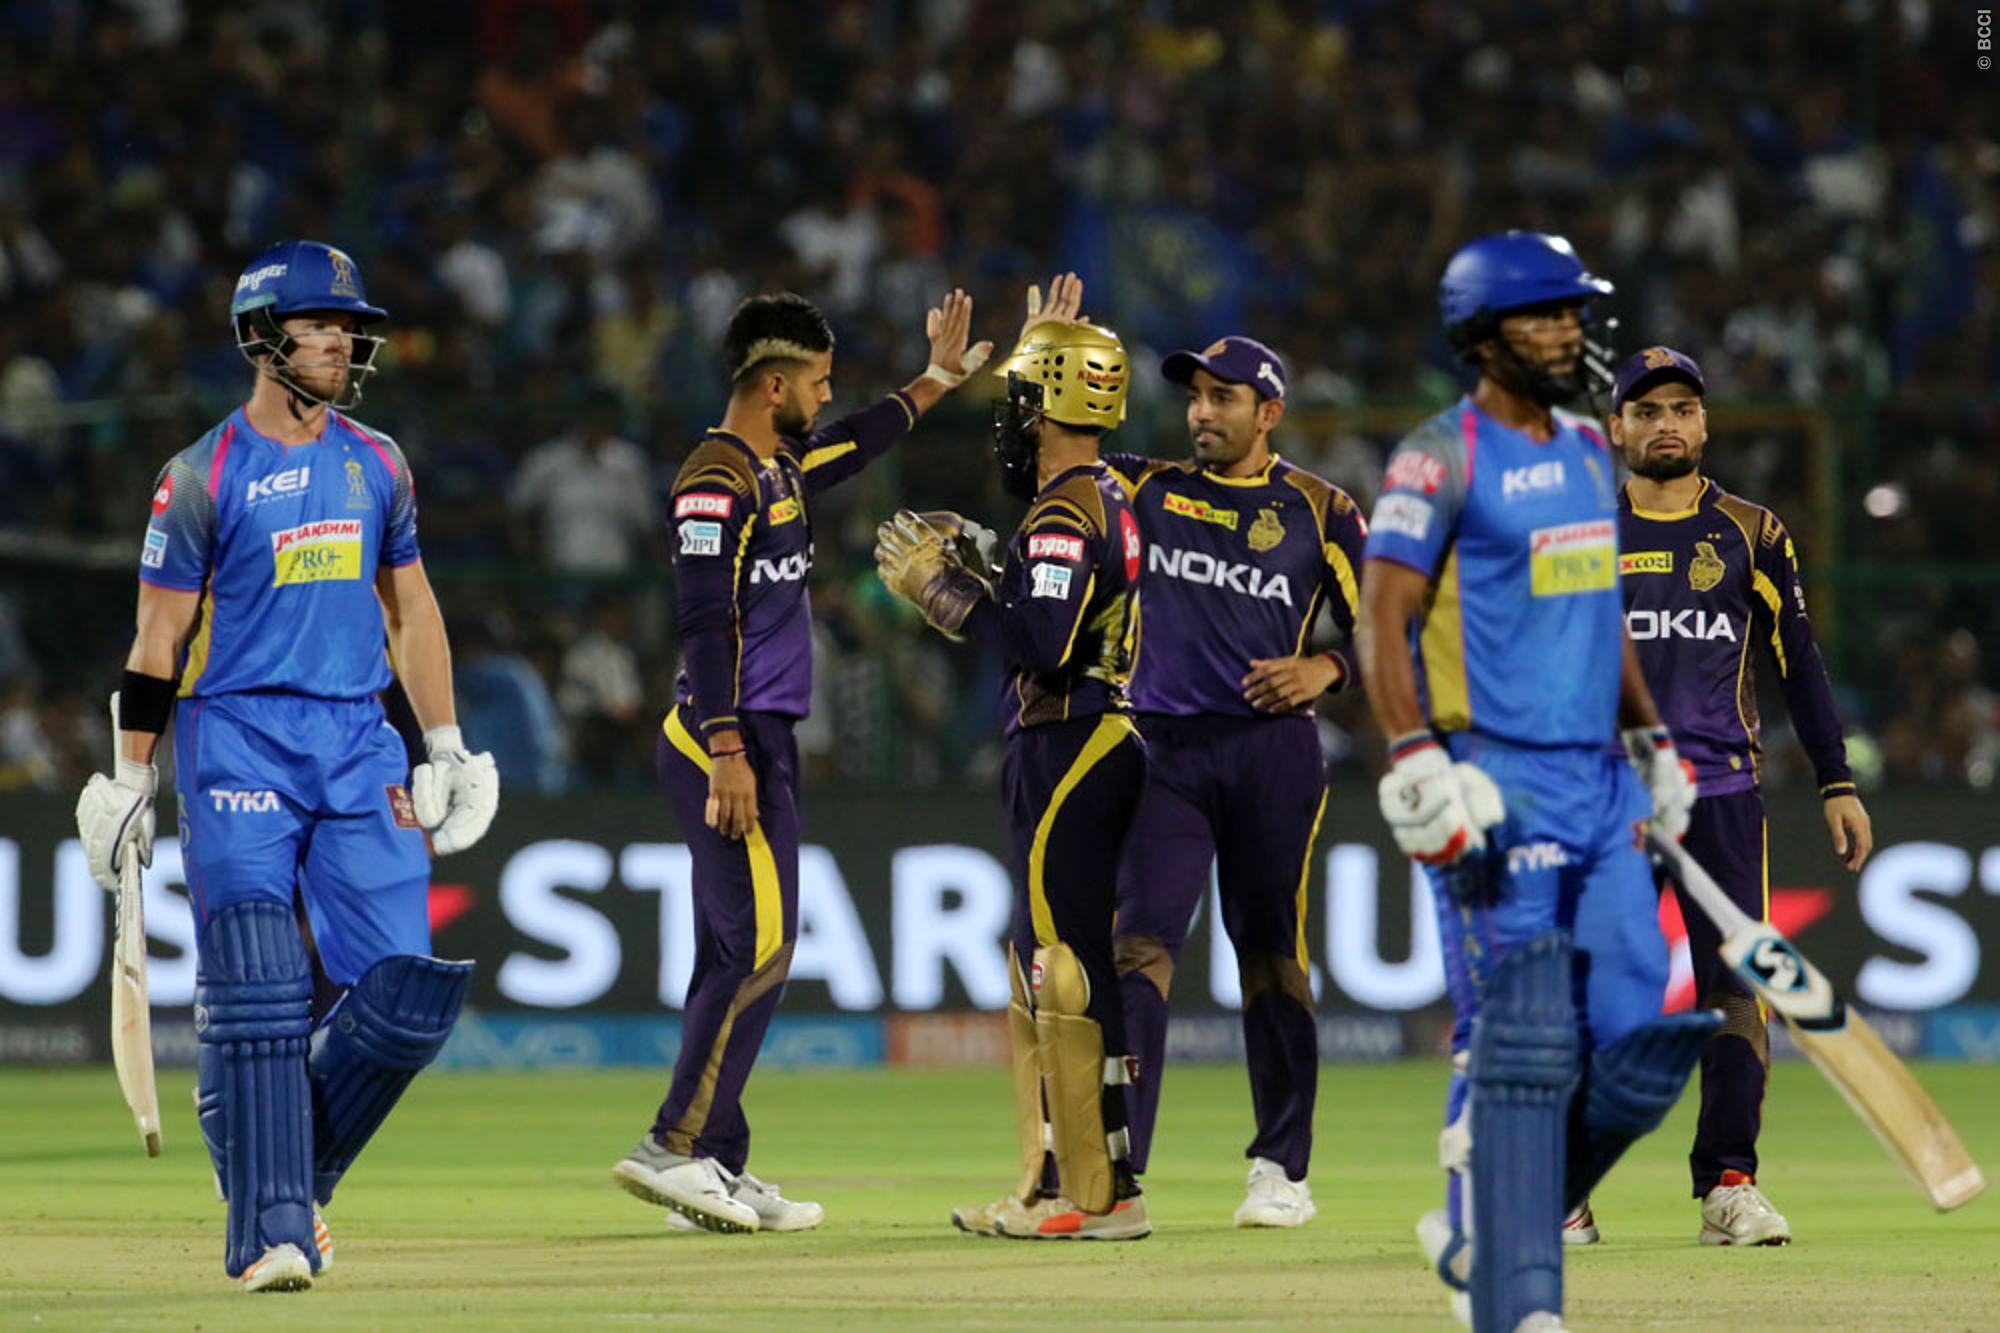 RECORD: कोलकाता की टीम ने रचा इतिहास सिर्फ आईपीएल में नहीं, बल्कि टी-20 फॉर्मेट में यह विश्व कीर्तिमान स्थापित करने वाली सबसे पहली टीम बनी केकेआर 15